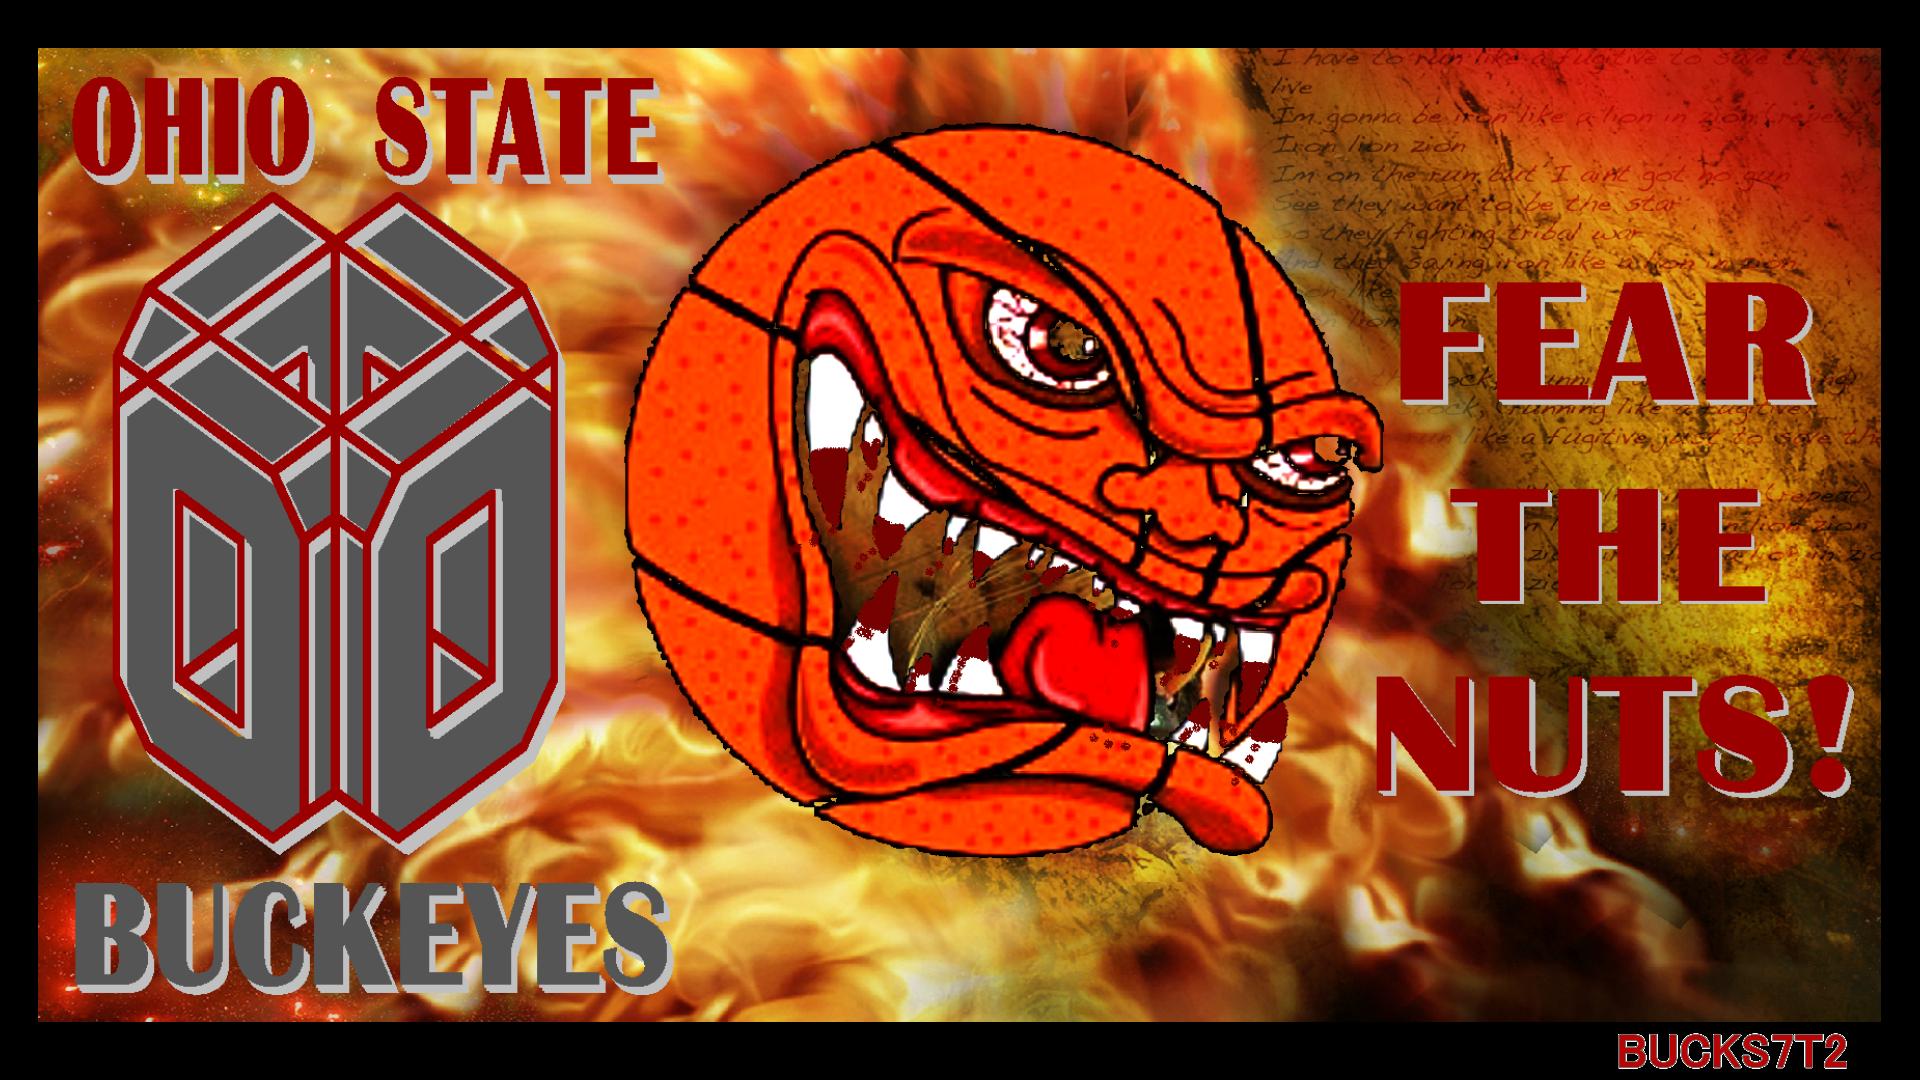 OSU BUCKEYES FEAR THE NUTS!